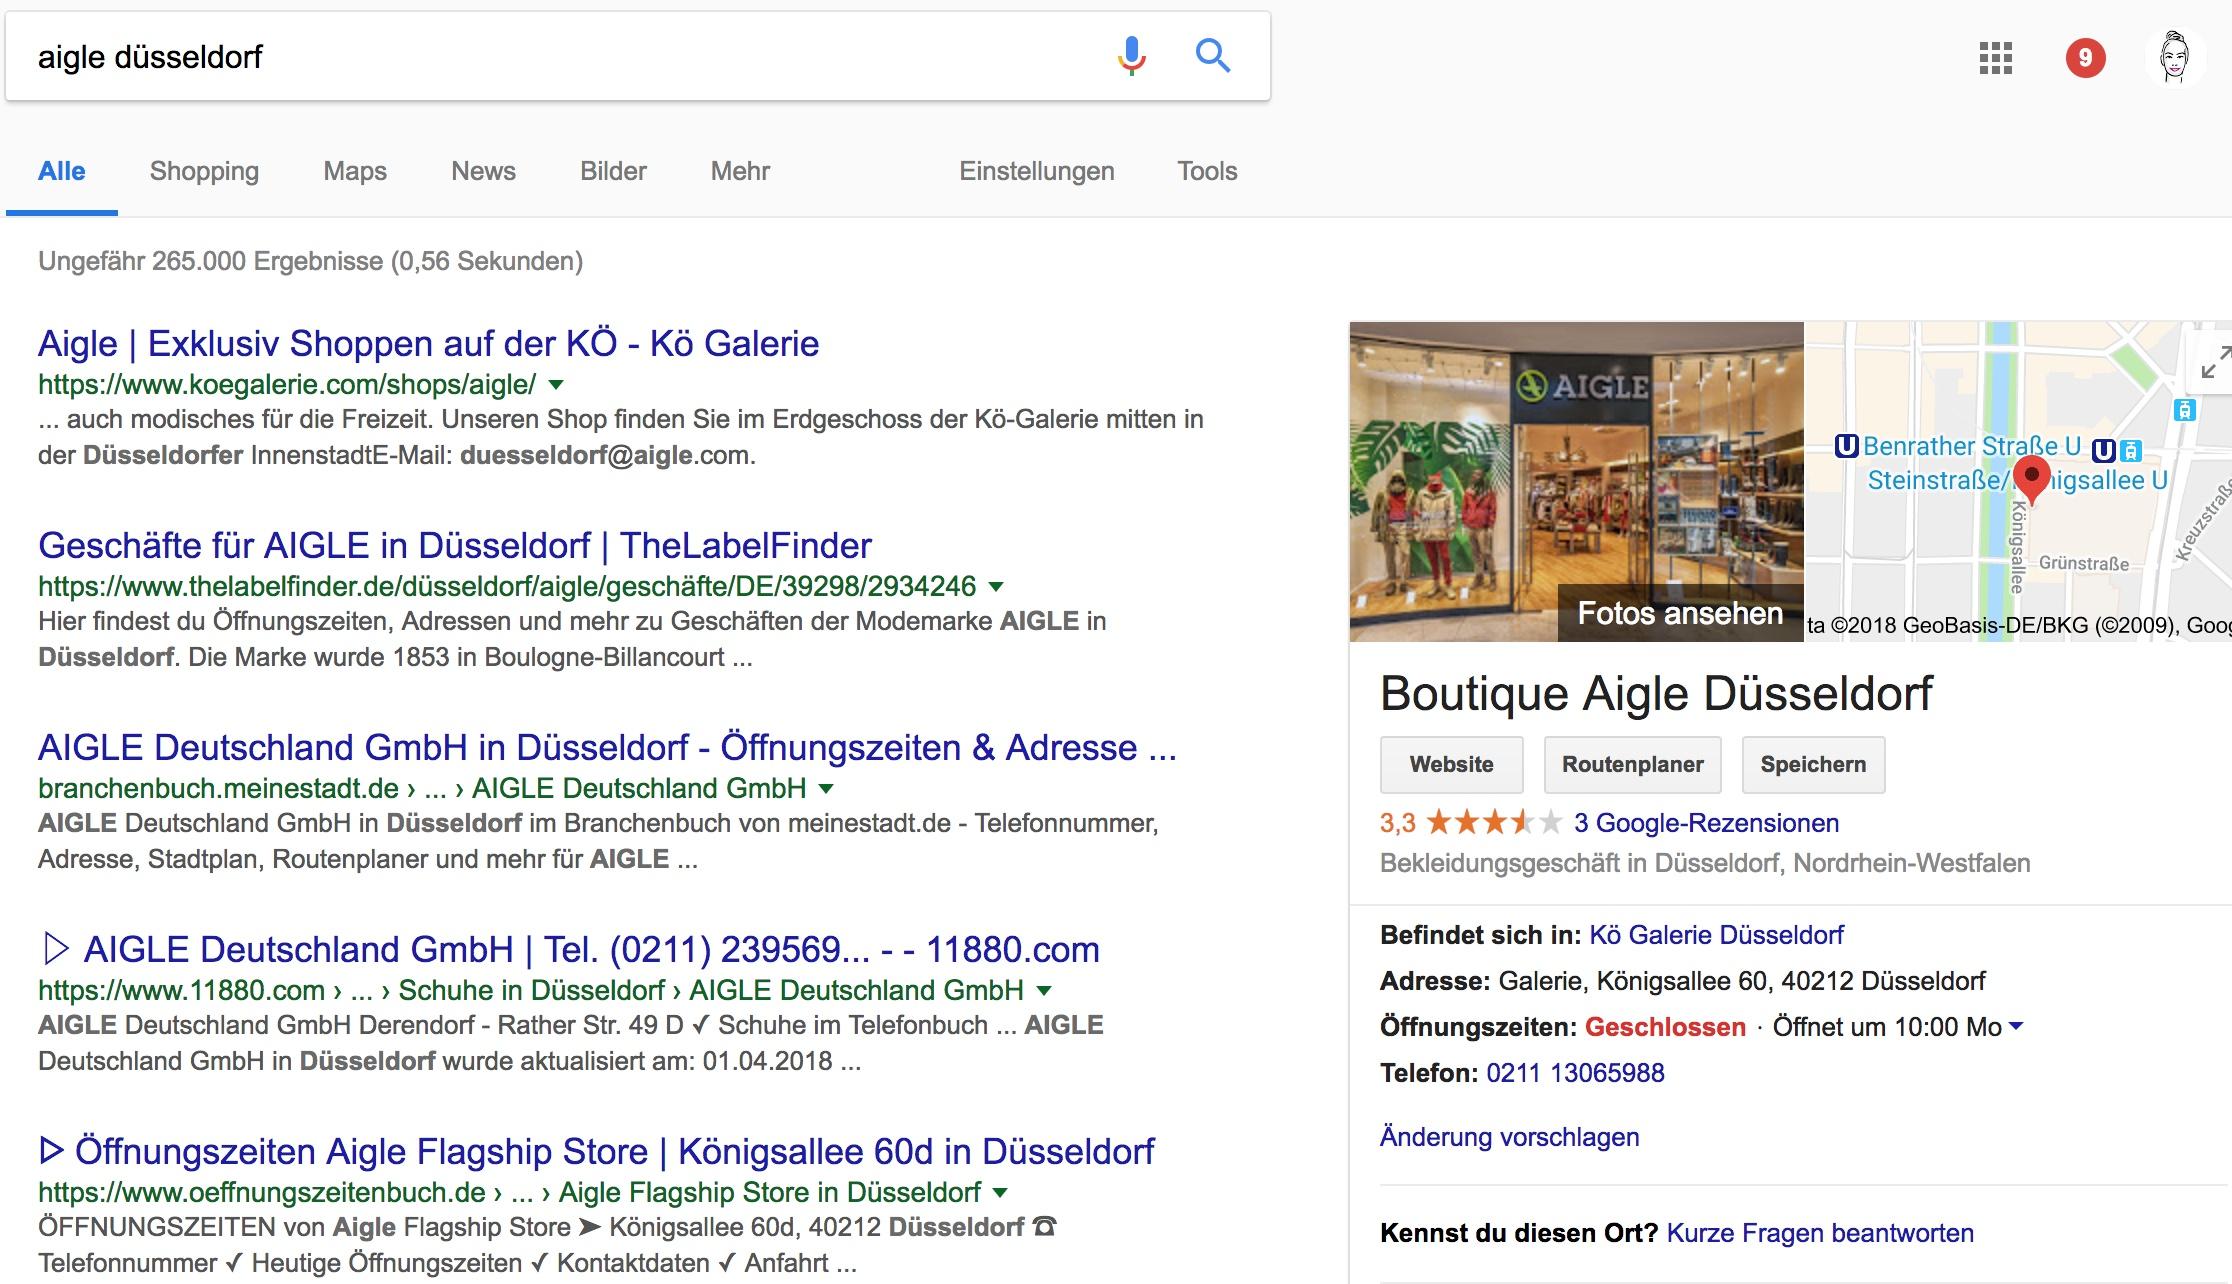 zeigt eine typische Suchanfrage bei Google